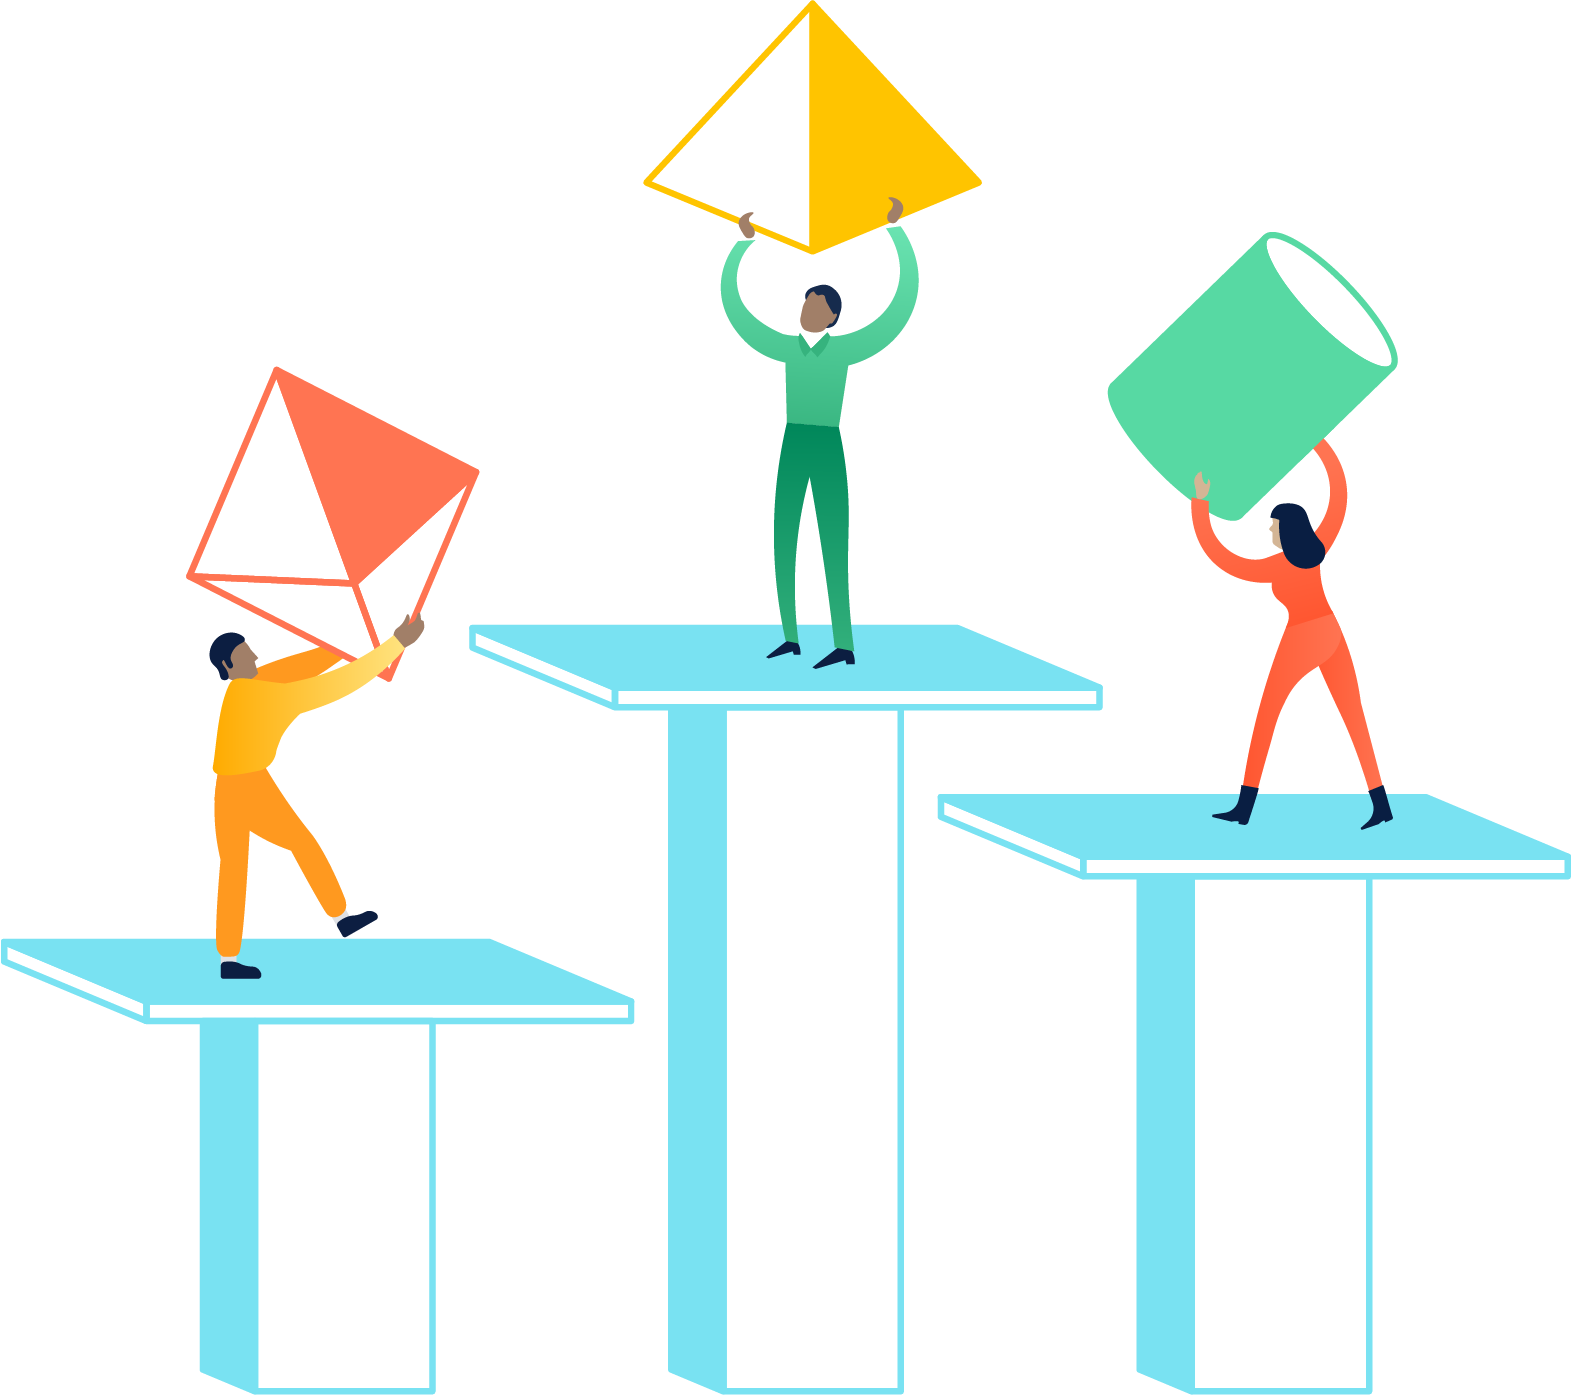 5секретов эффективных ИТ-команд